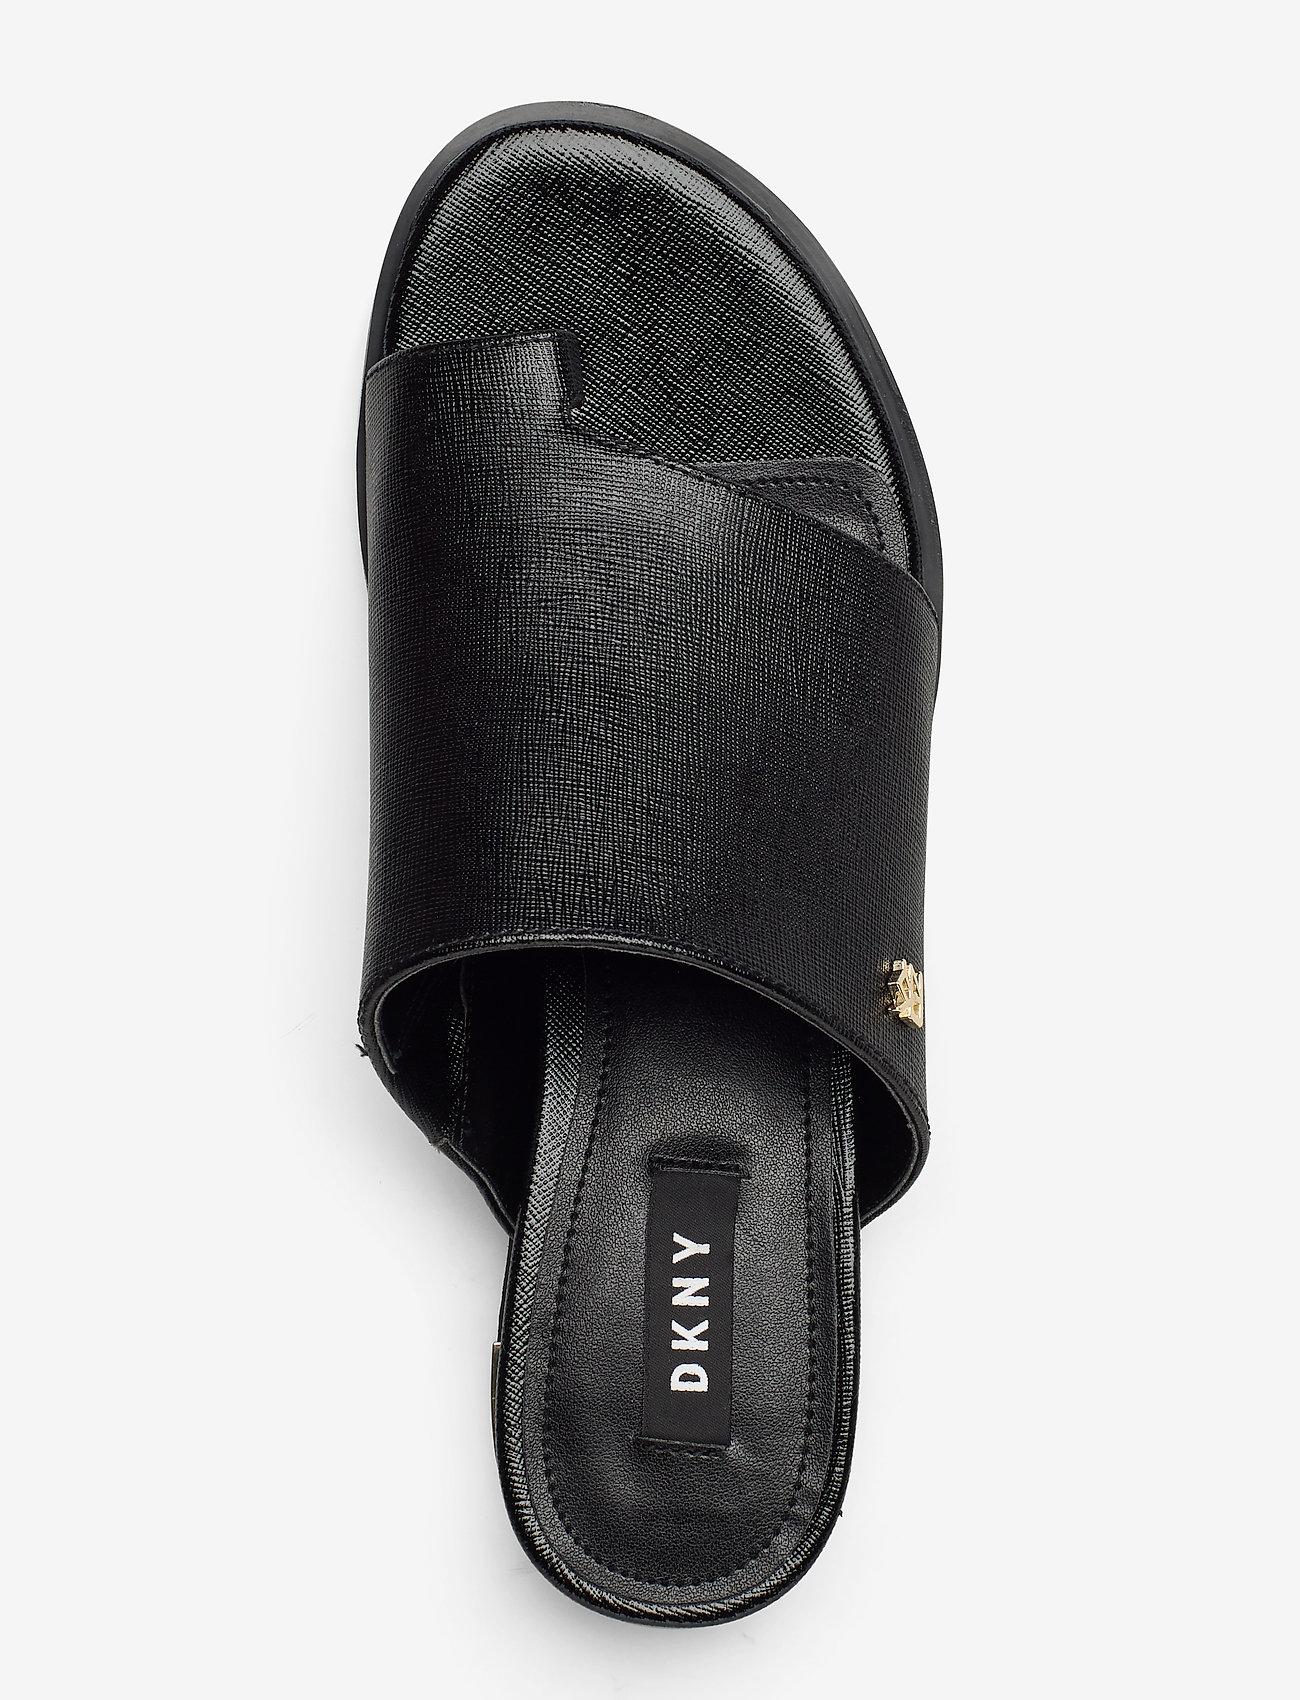 Daz (Black) - DKNY 6jF2cm